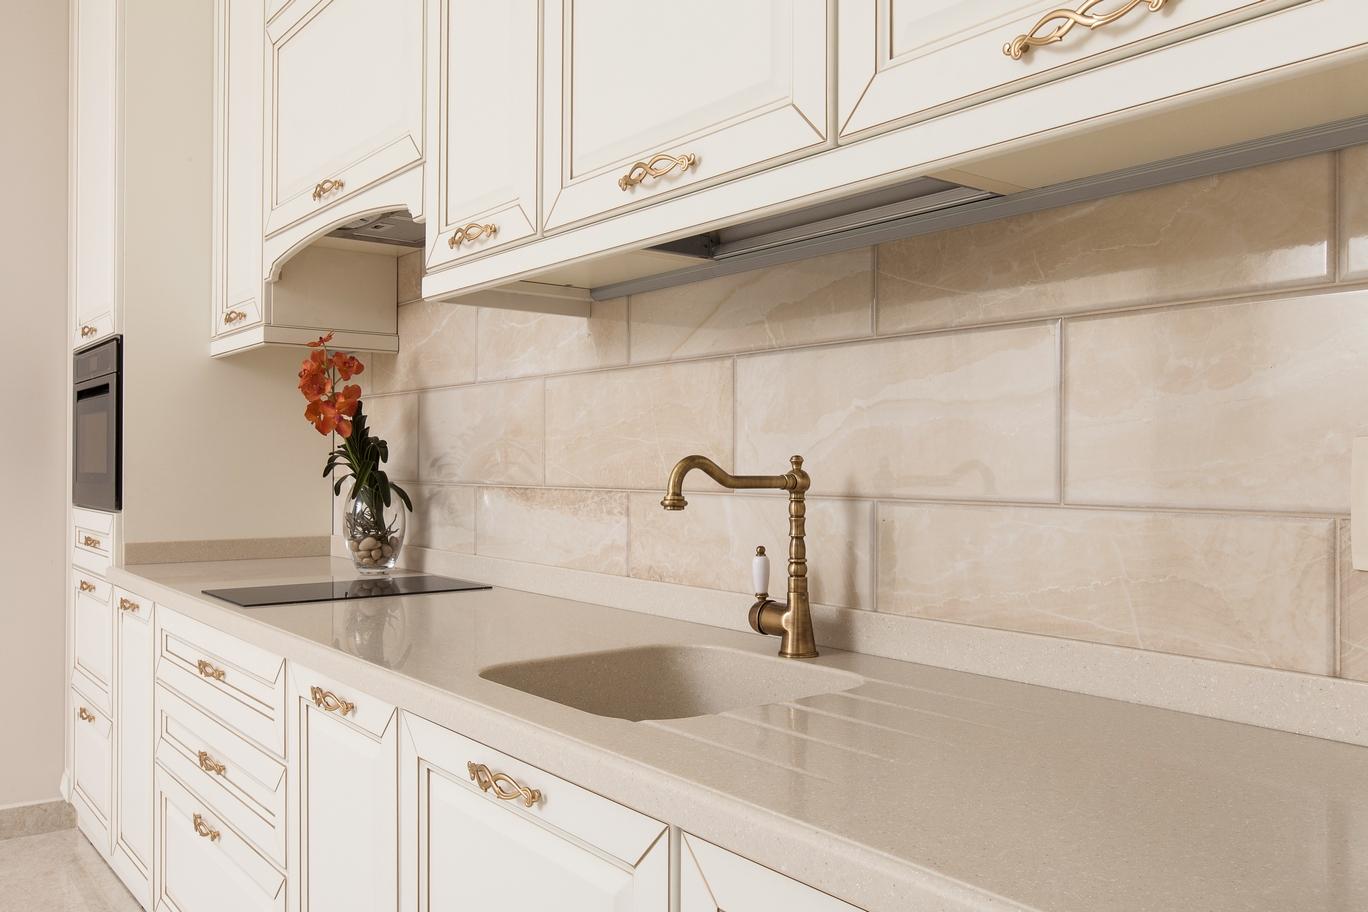 Кухонная мебель модели Бельфор